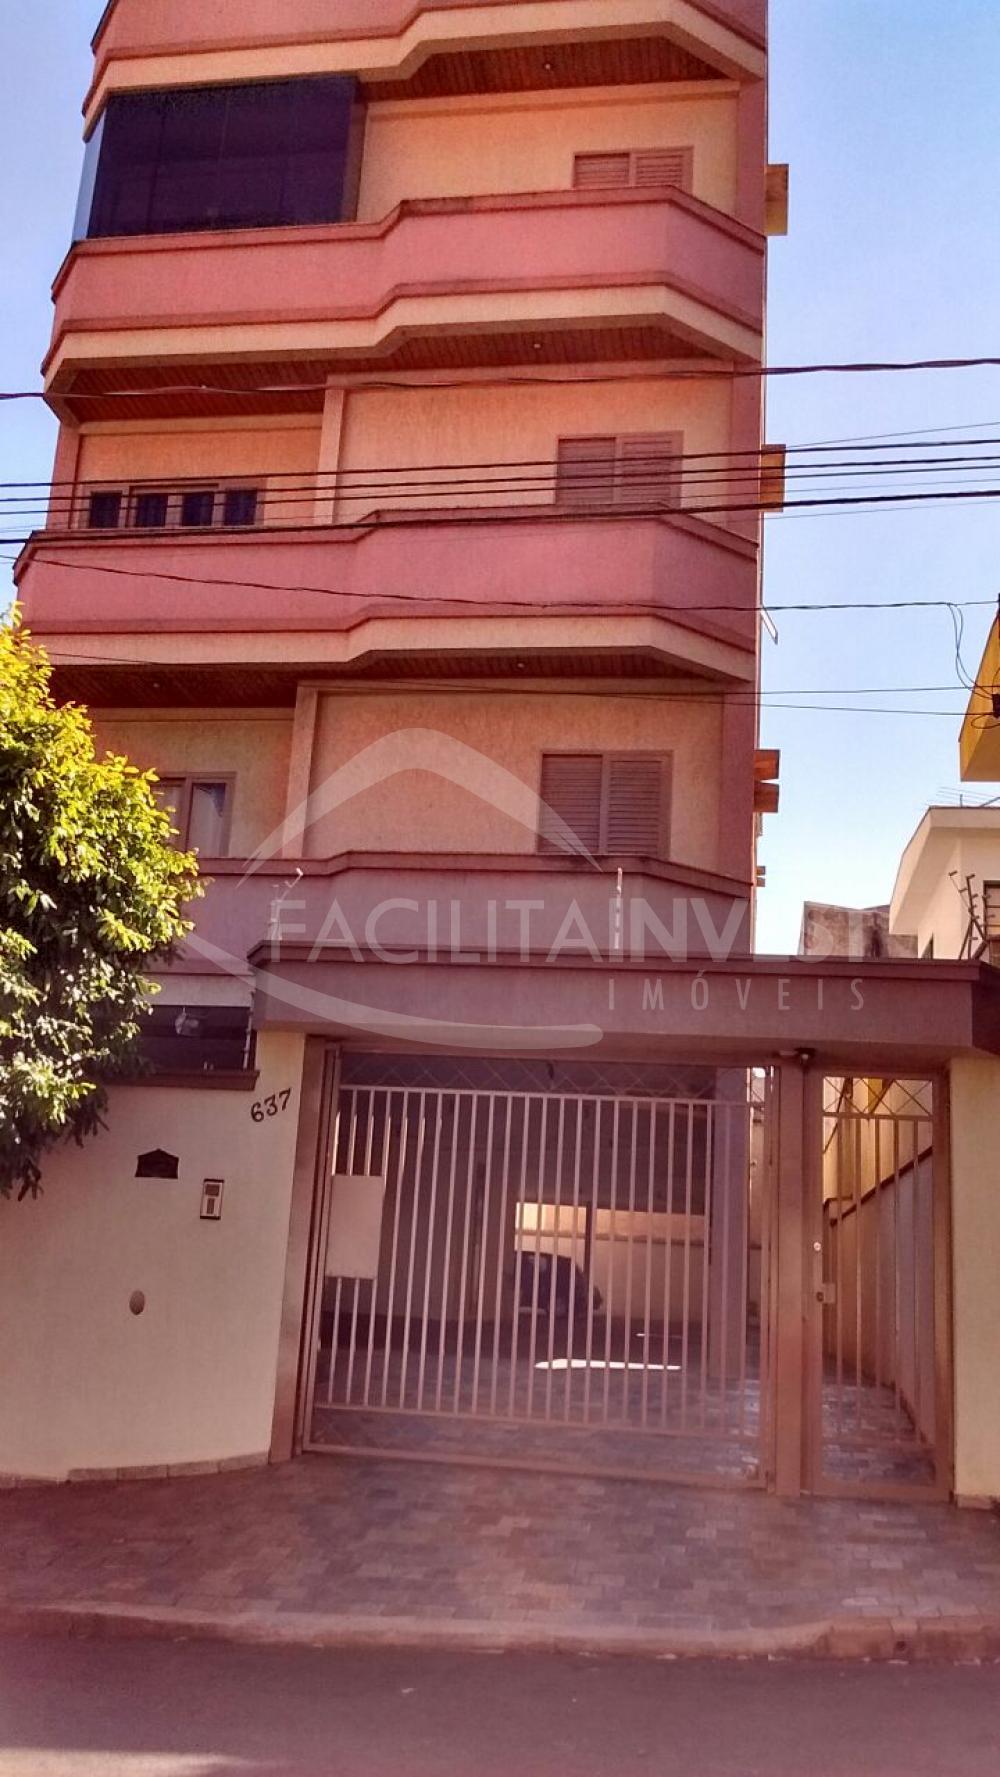 Alugar Apartamentos / Apart. Padrão em Ribeirão Preto apenas R$ 700,00 - Foto 1